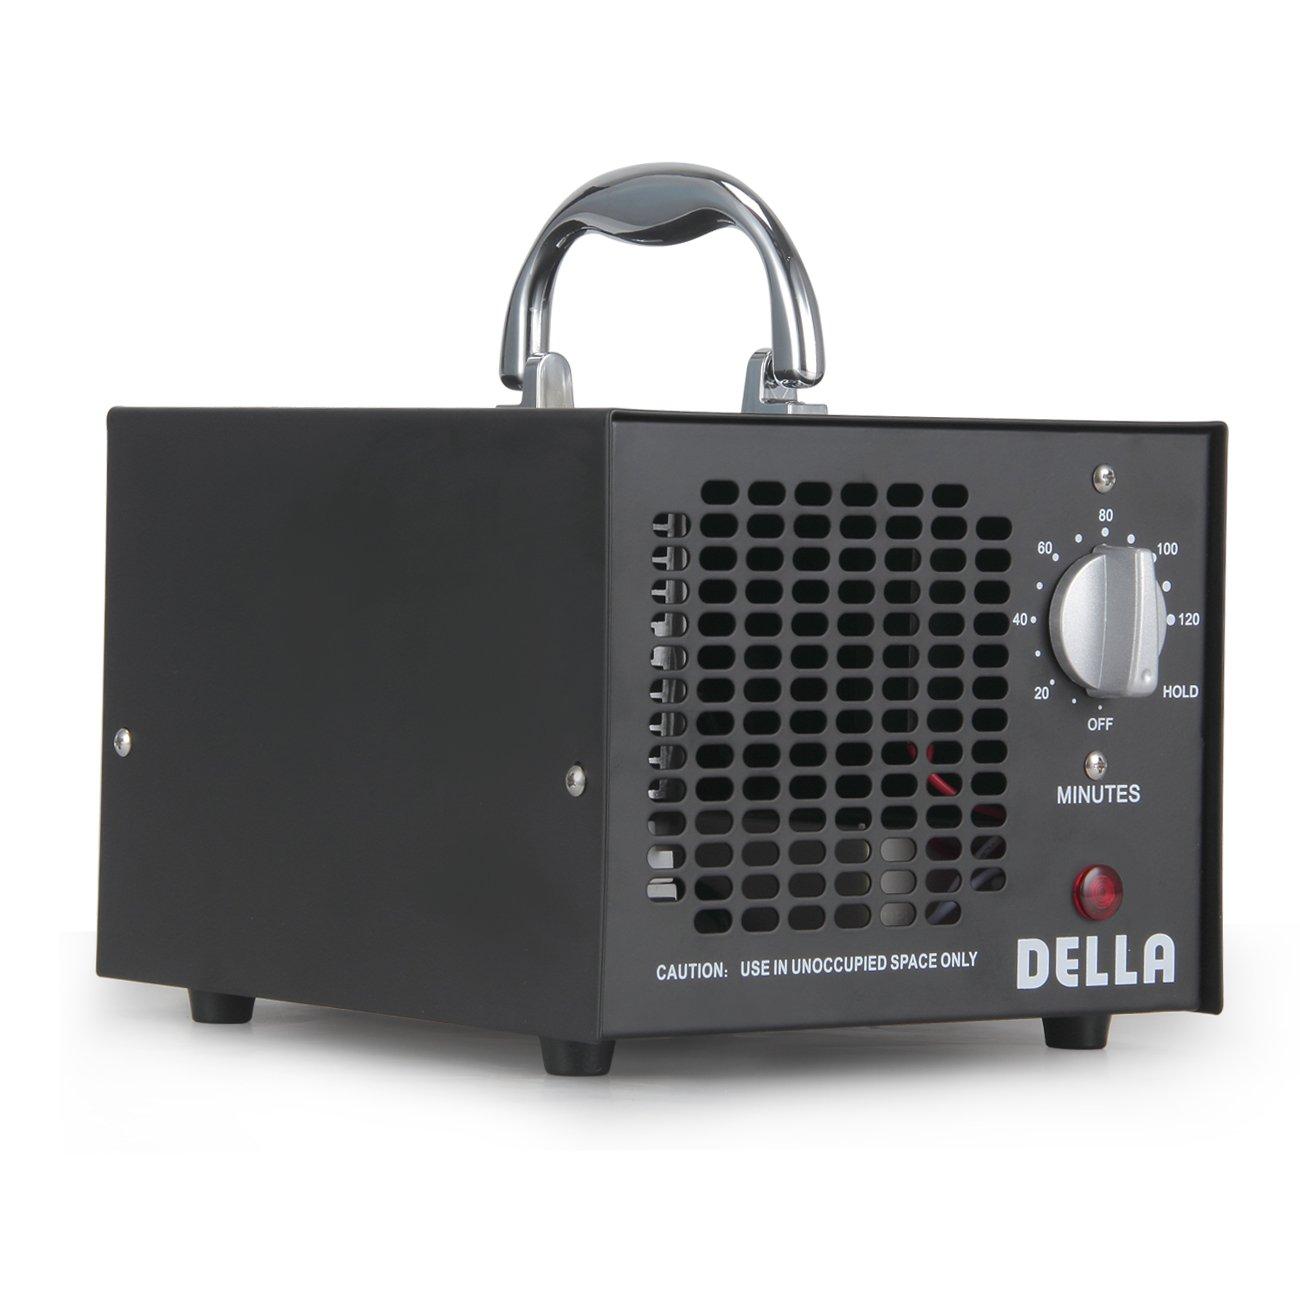 人気が高い  Della業務用オゾン発生器 3,500mg 空気清浄機 O3 防臭 O3 3,500mg 減菌 ブラック 空気清浄機 048-GM-48251 ブラック B01LG04BGQ, ナノズ:5ab6a30b --- cygne.mdxdemo.com